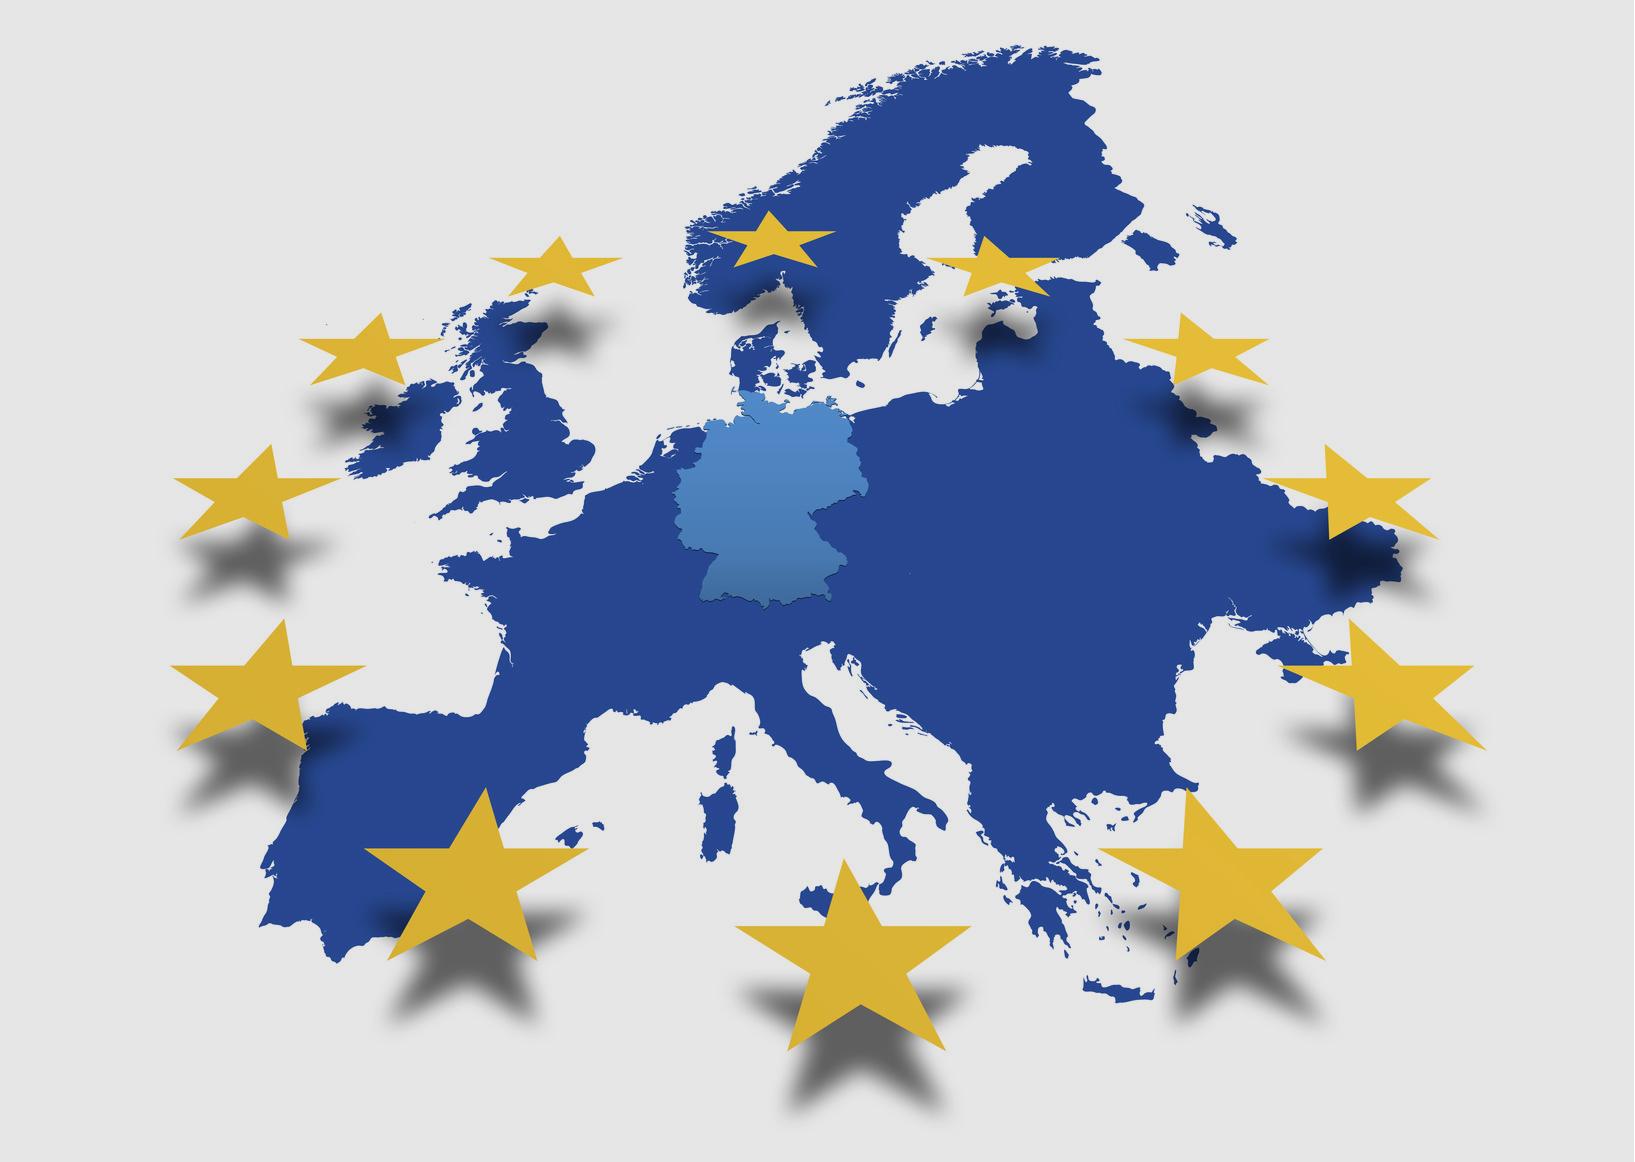 كوير: لايمكن الجزم بدخول منطقة اليورو في تباطؤ تام، ولكنها قد تطول